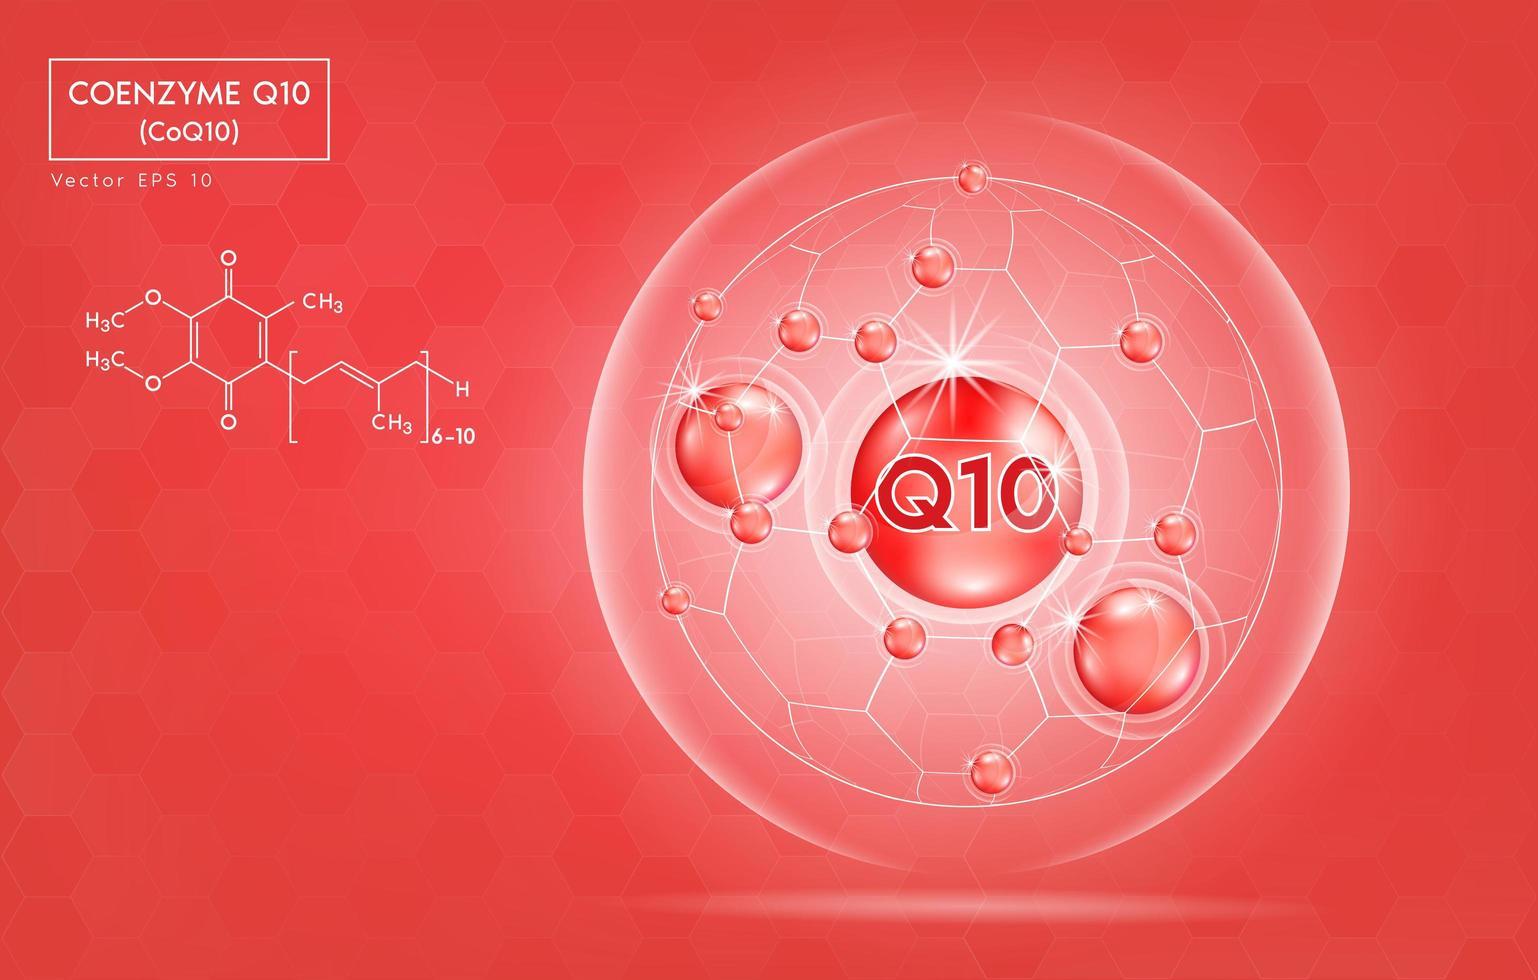 banner de salud coenzima q10 vector